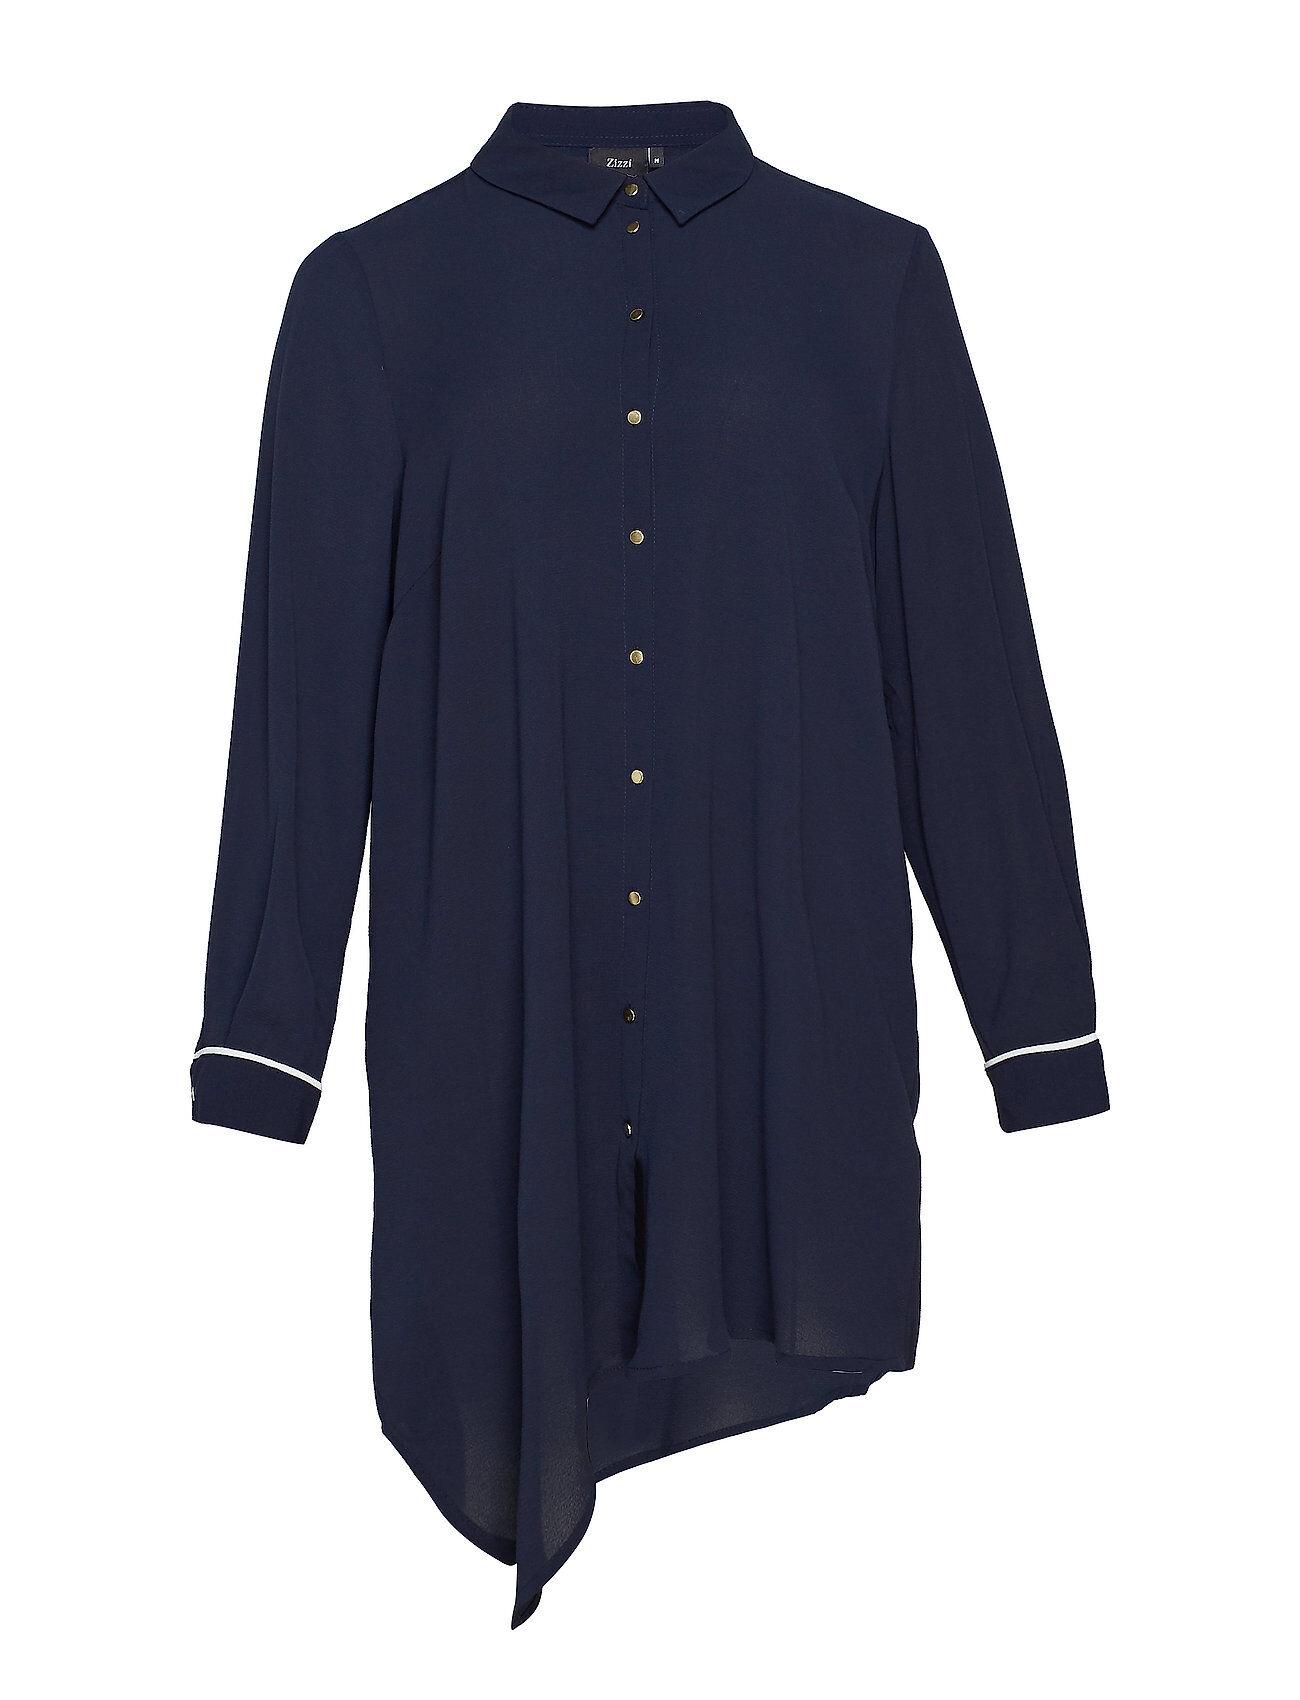 Zizzi Mmya Tana, L/S, Dress